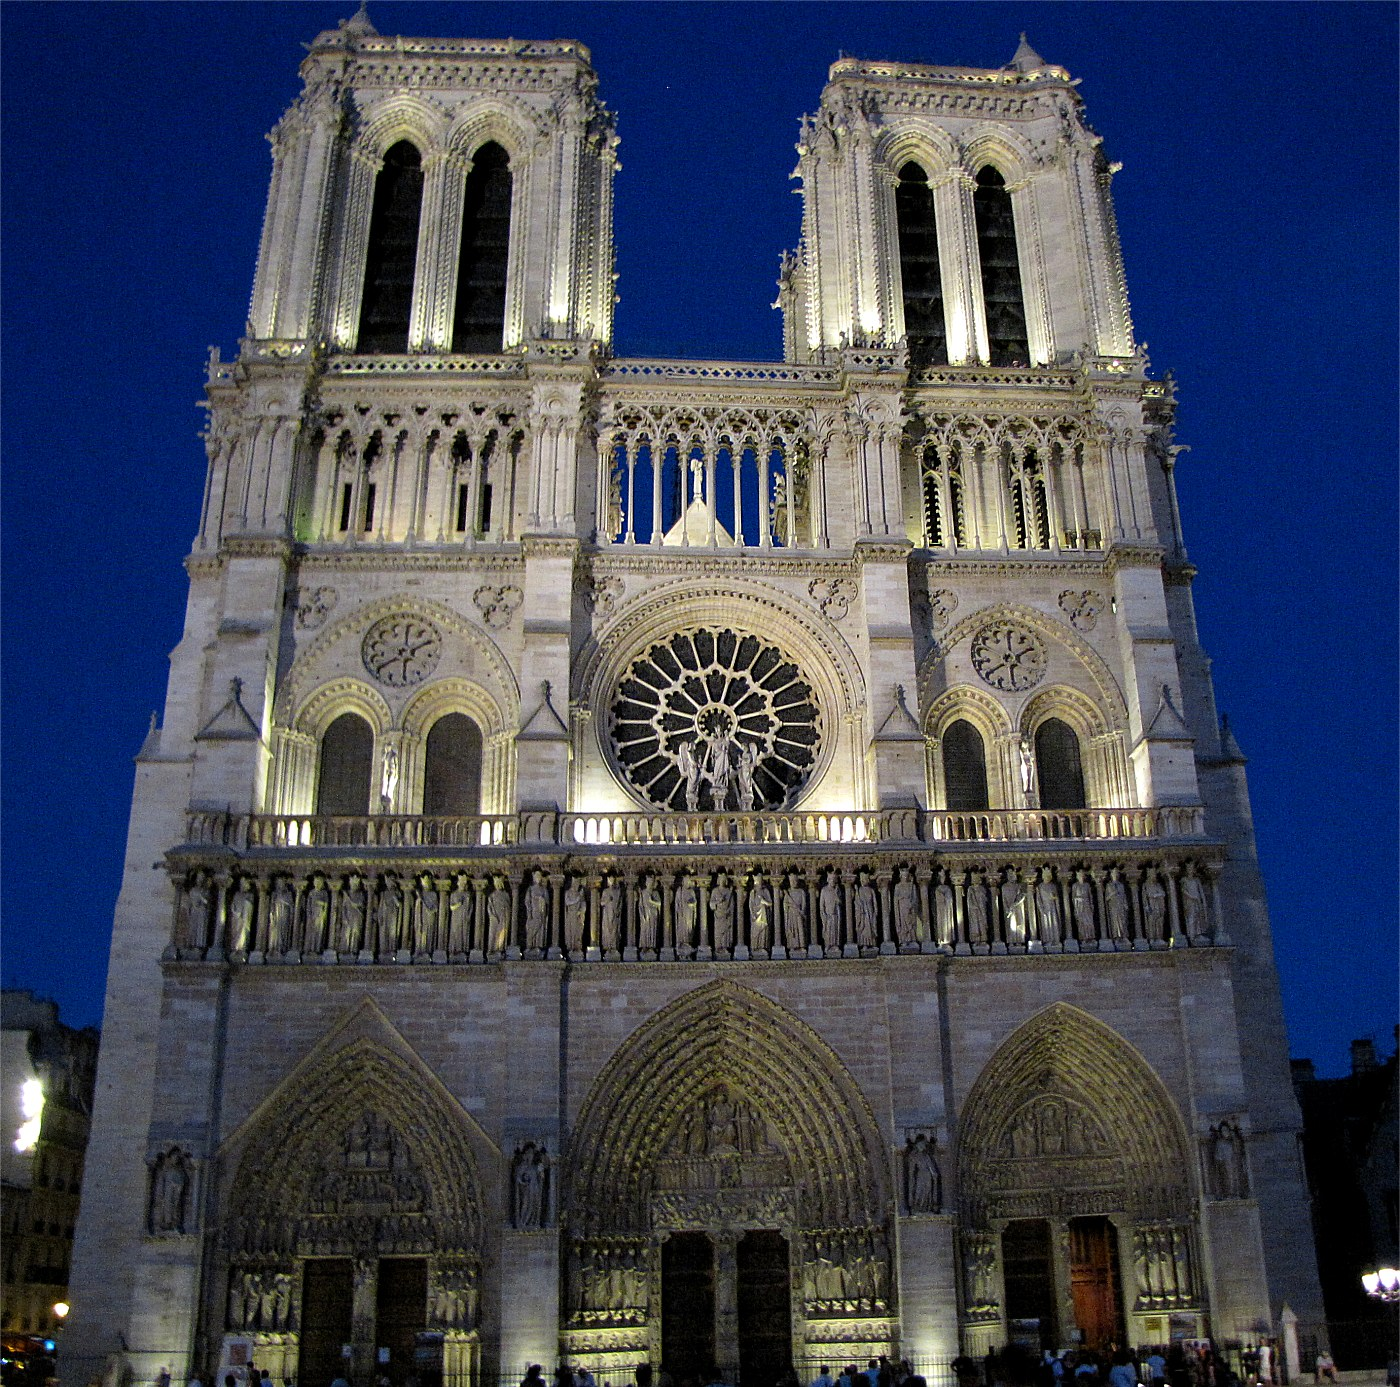 Image Cathédrale Notre Dame de Paris c Cathédrale Notre Dame de